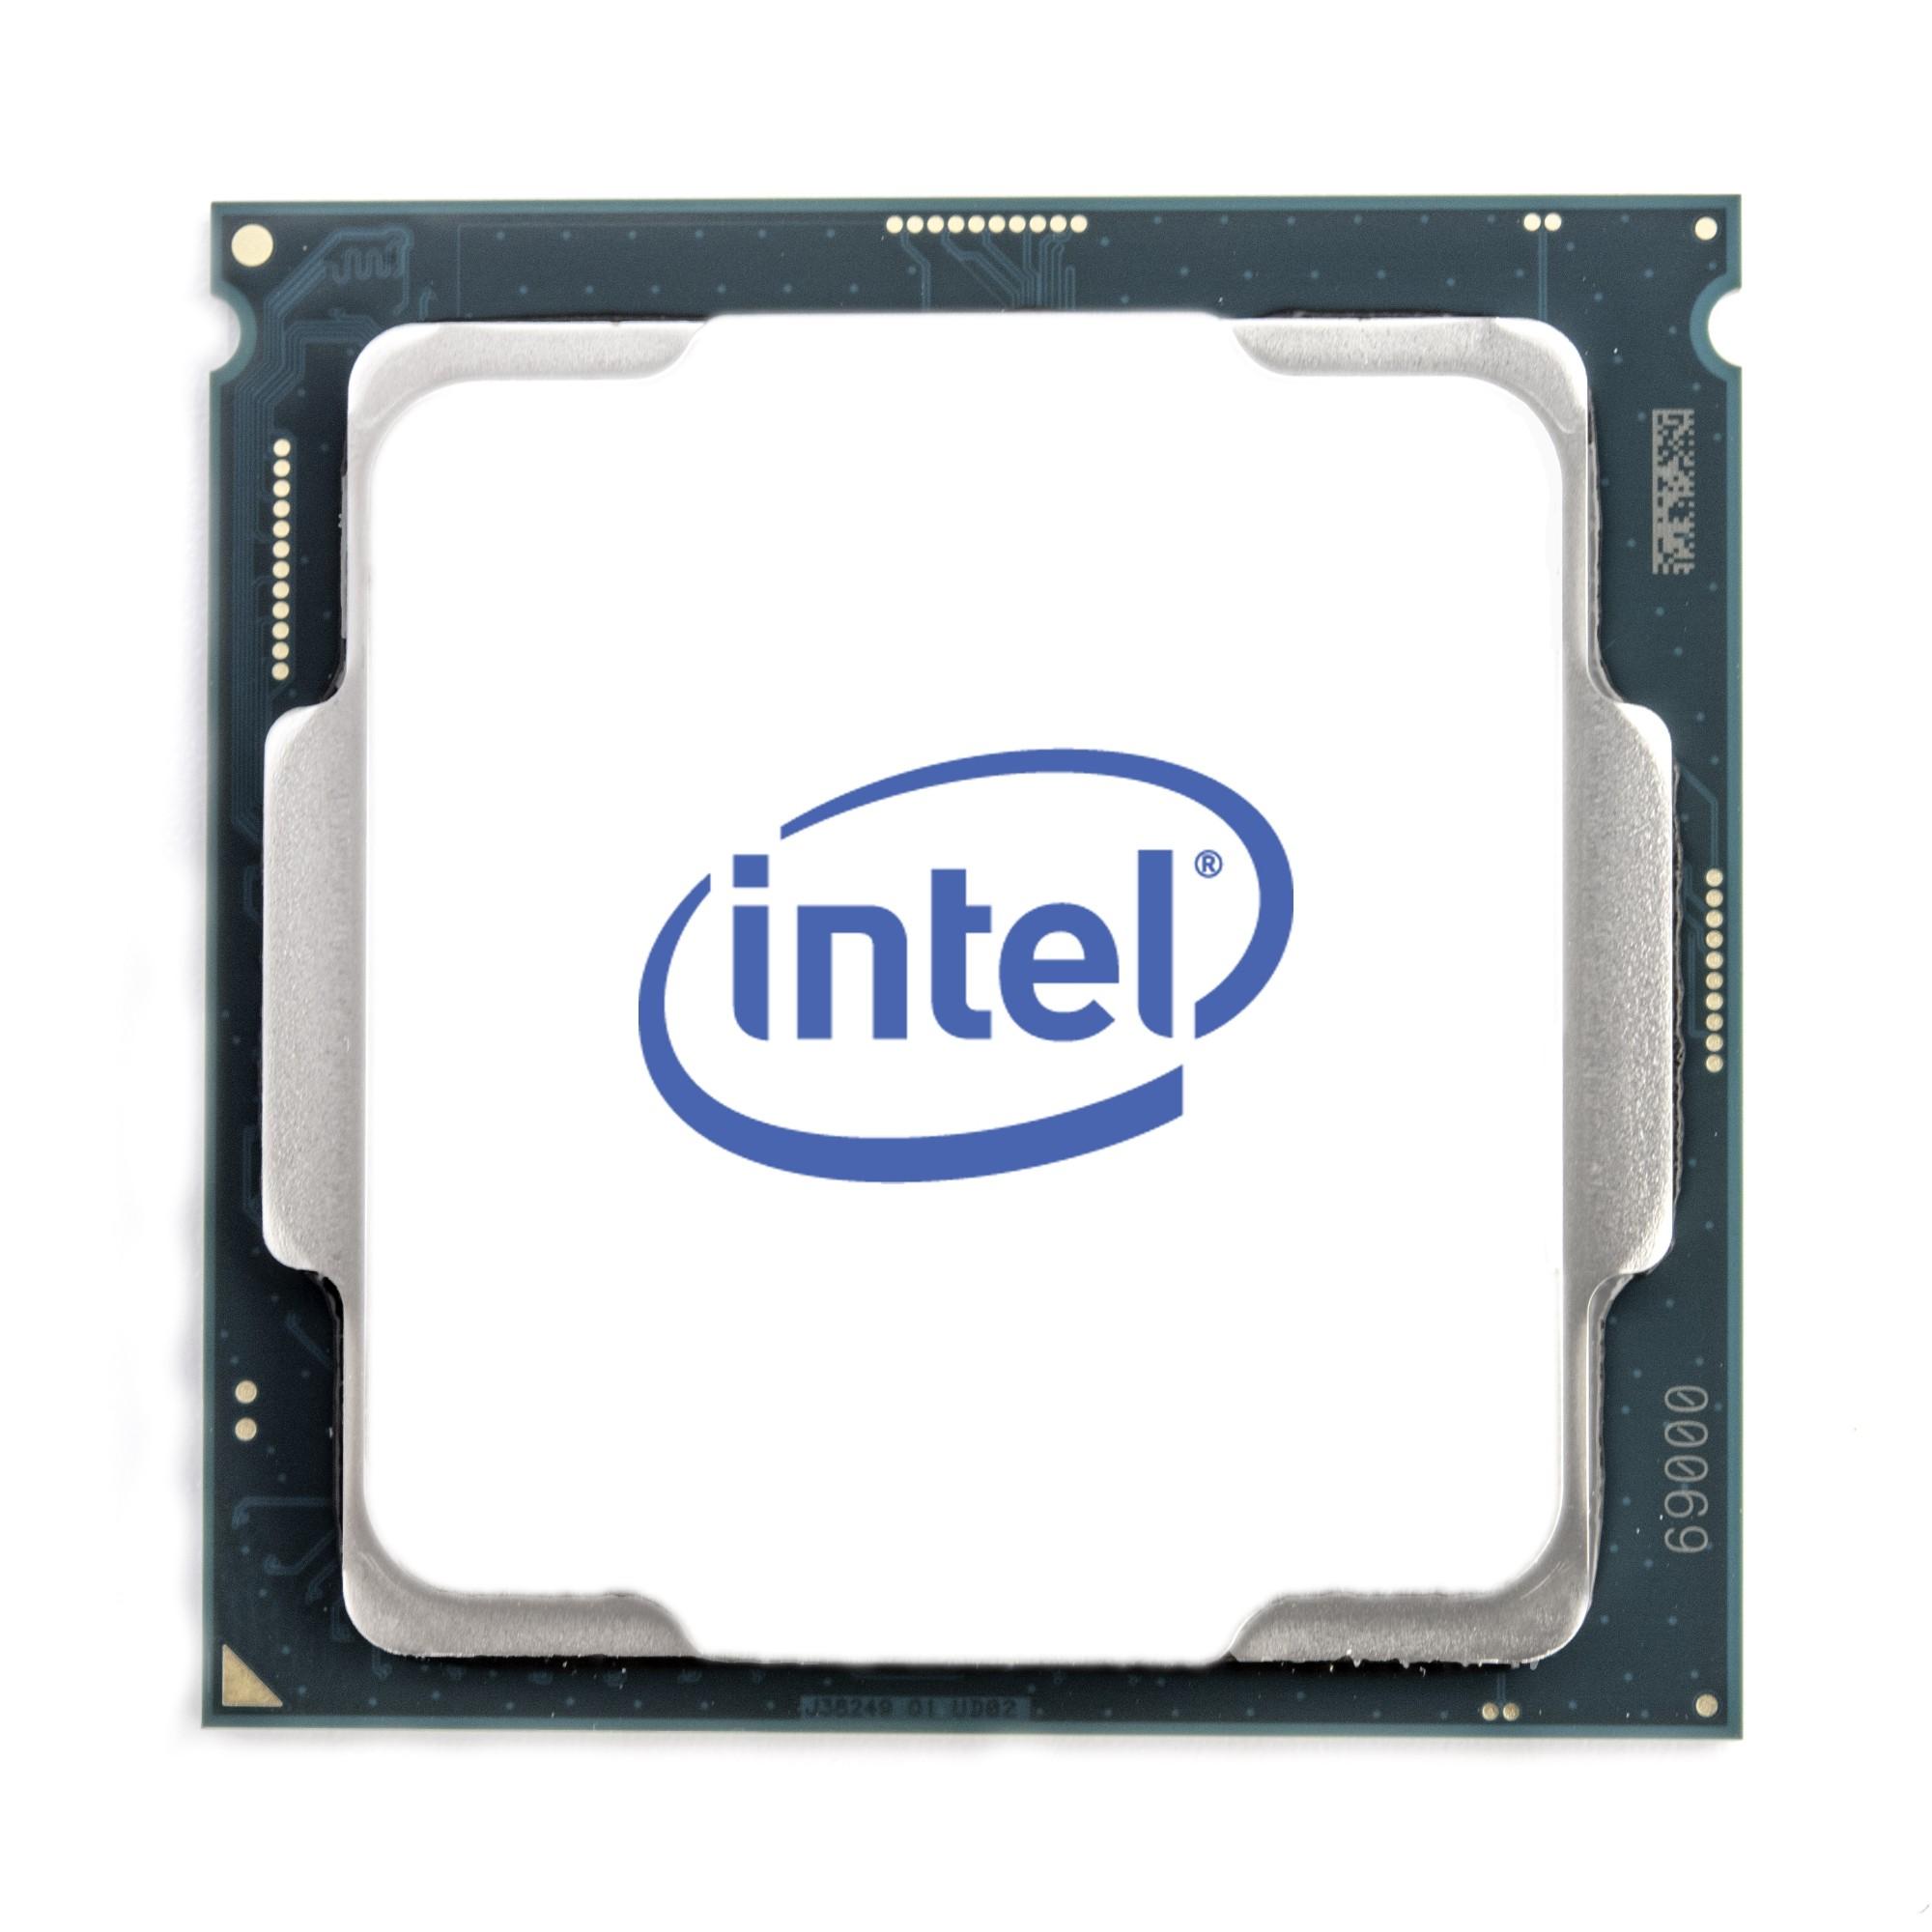 Intel Core i5-10600 processor 3.3 GHz 12 MB Smart Cache Box